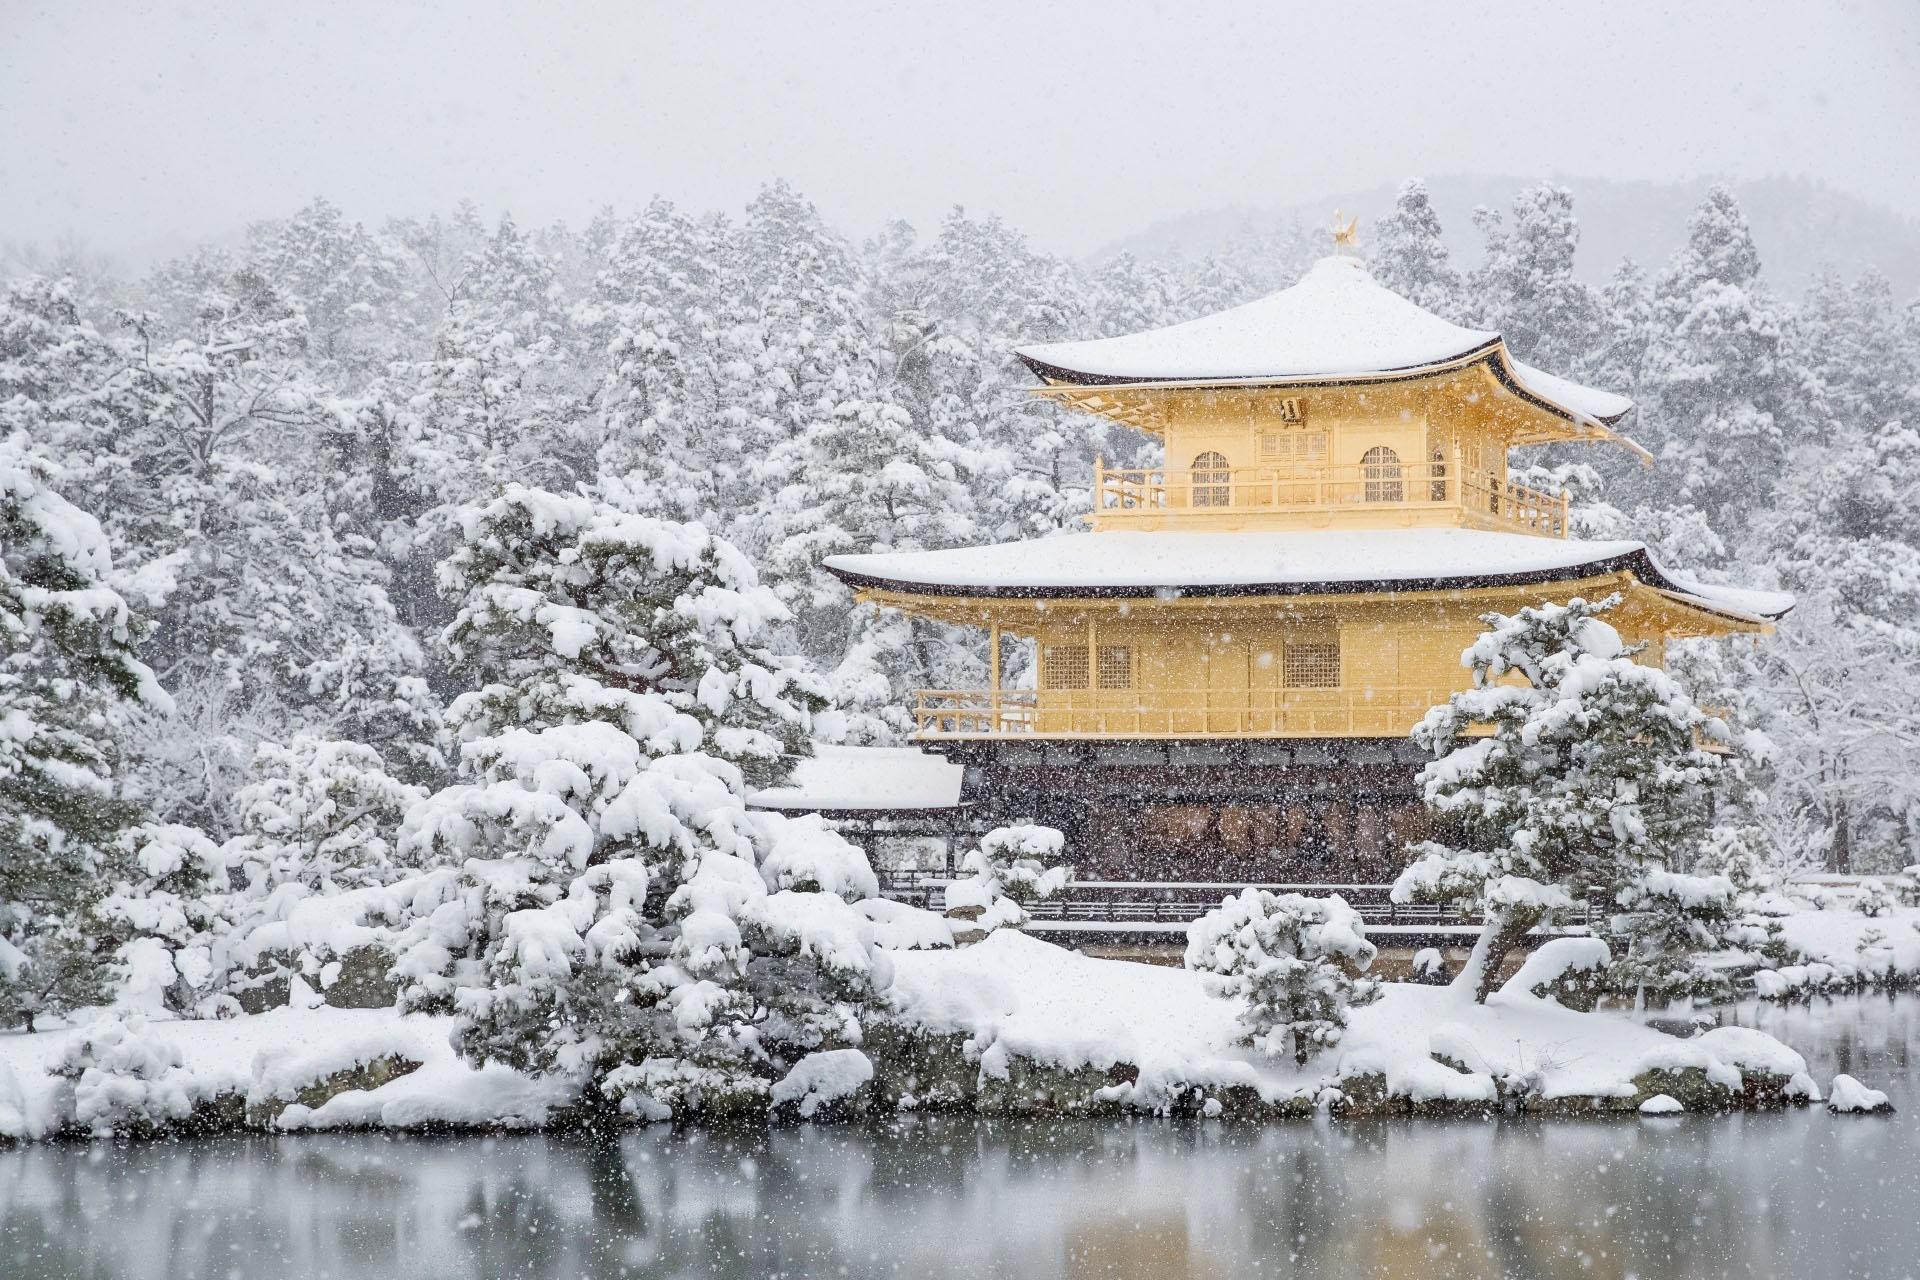 冬の京都 雪の金閣 京都の風景